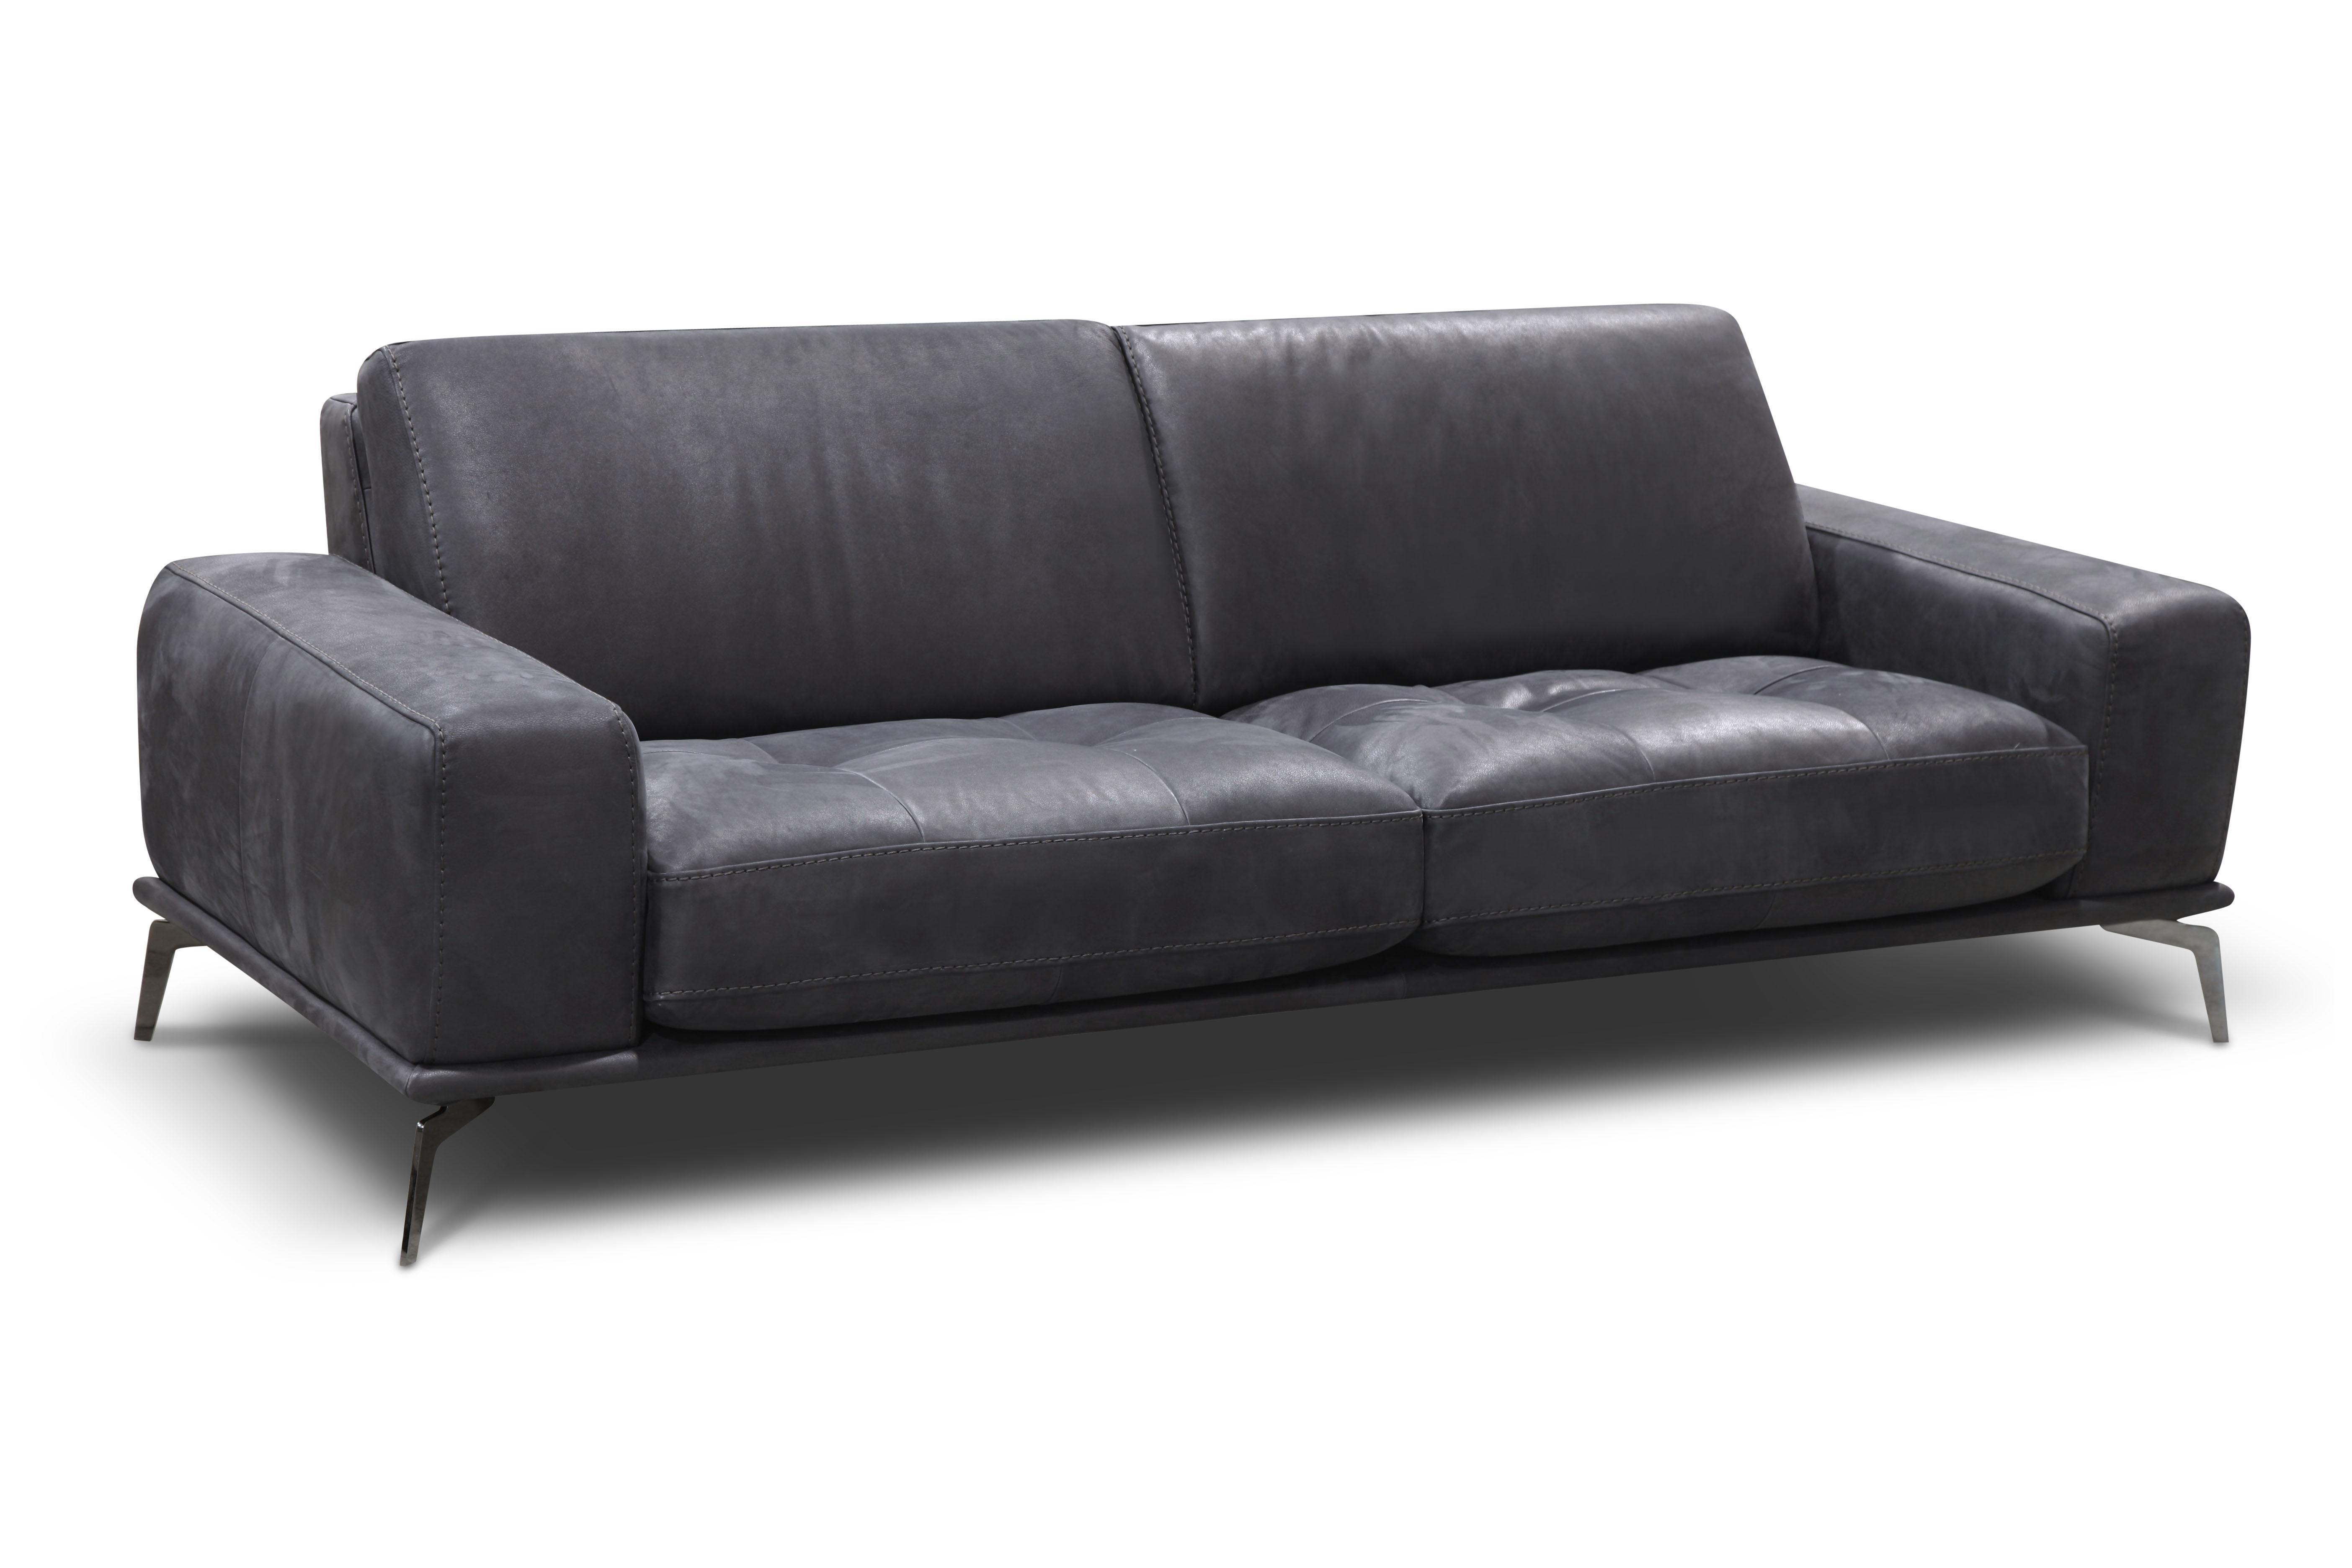 Bracci Brera sofa